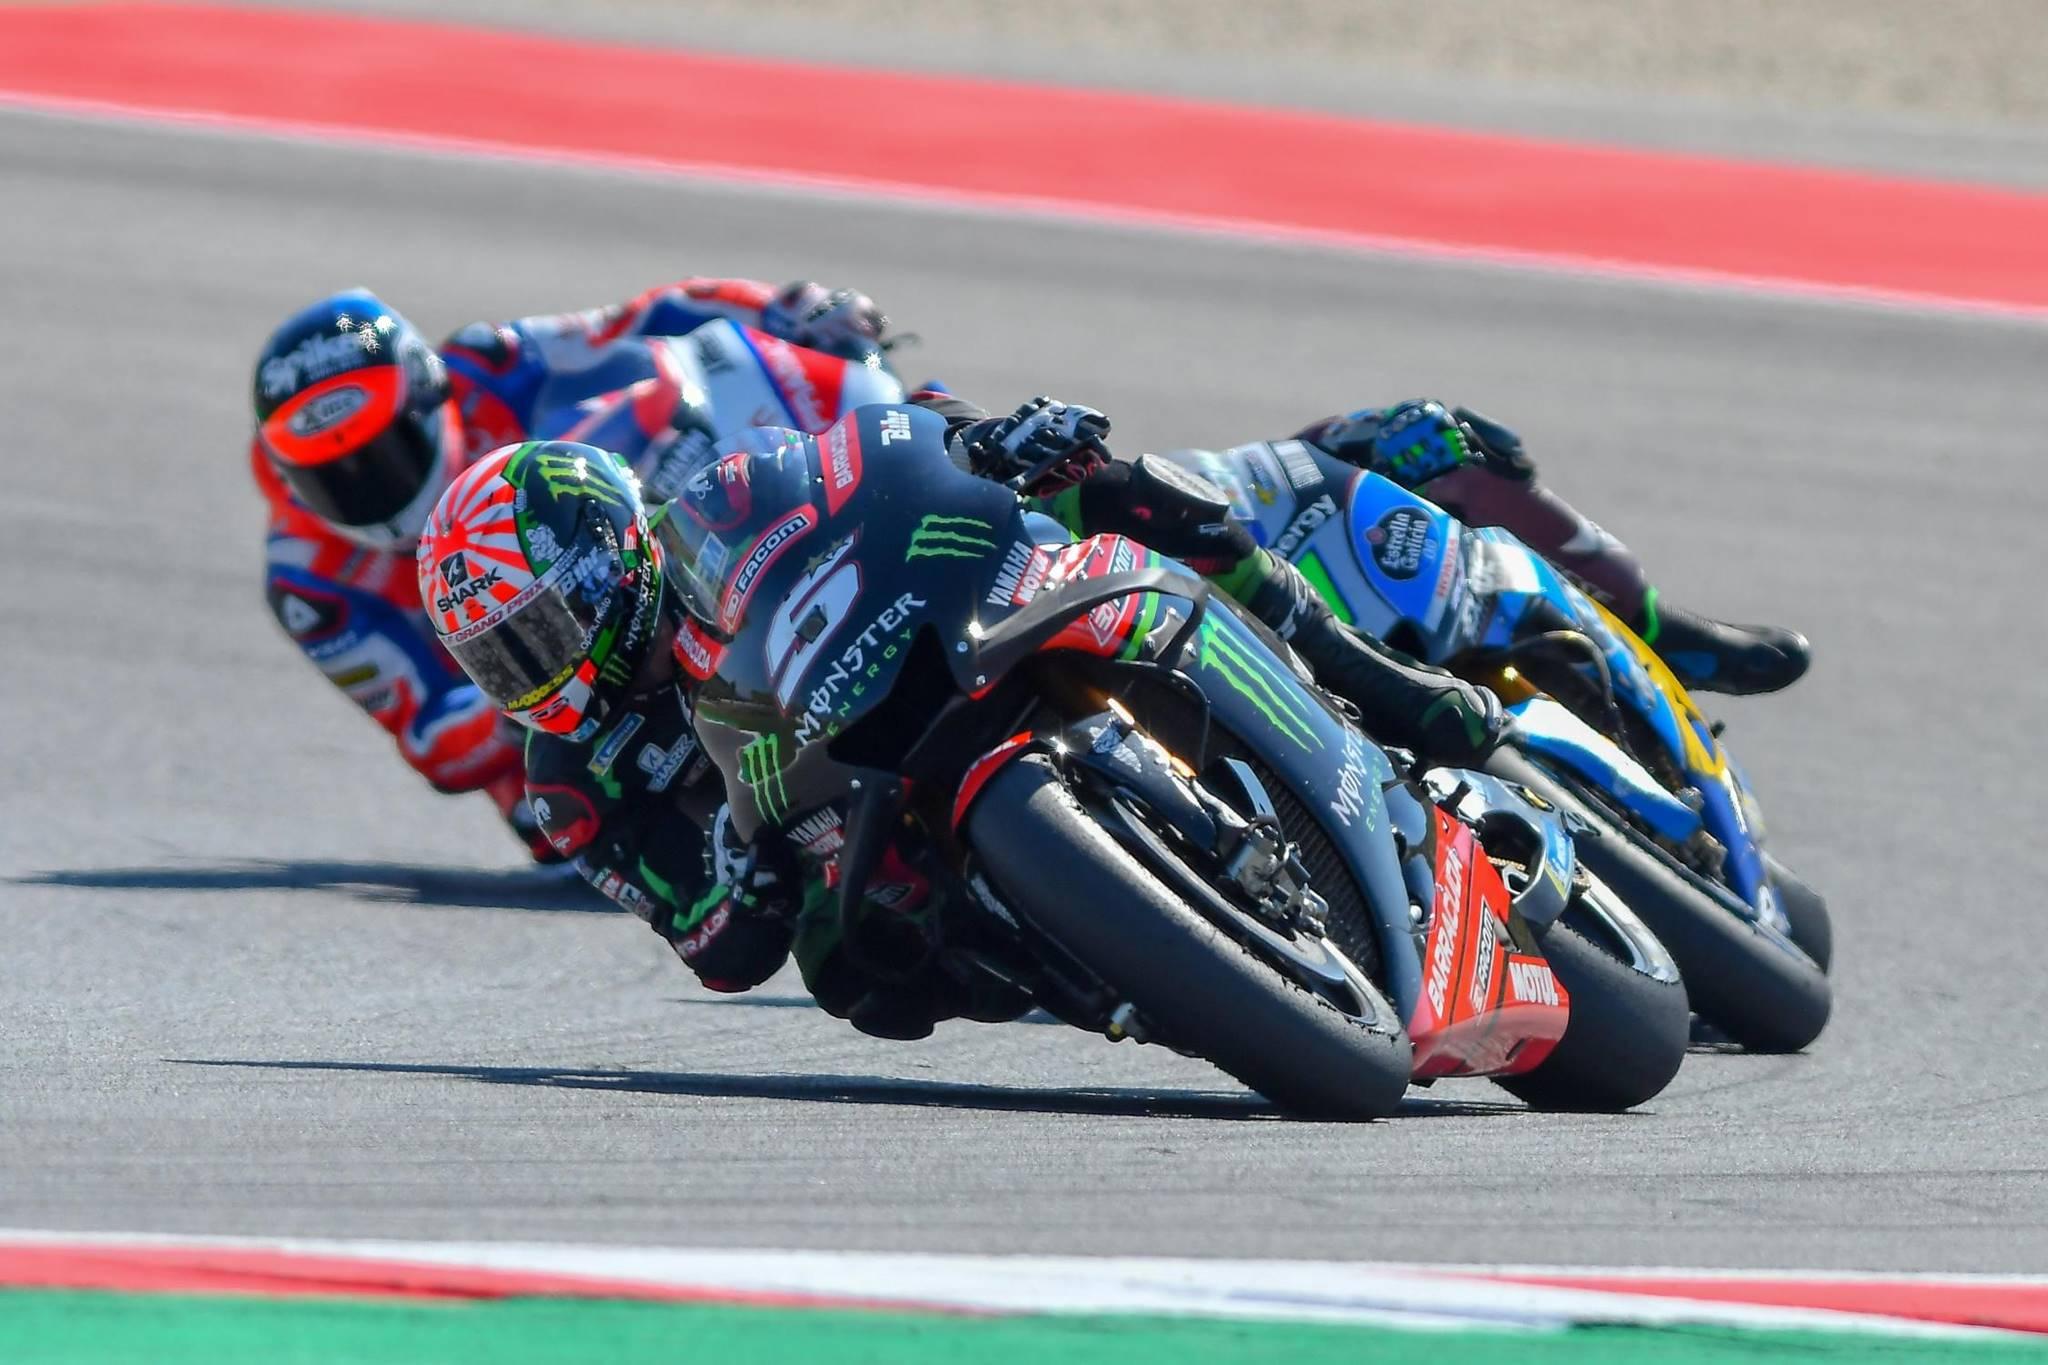 MotoGP-2018_Italian_Misano_2018_Xe_Tinhte_037.jpg